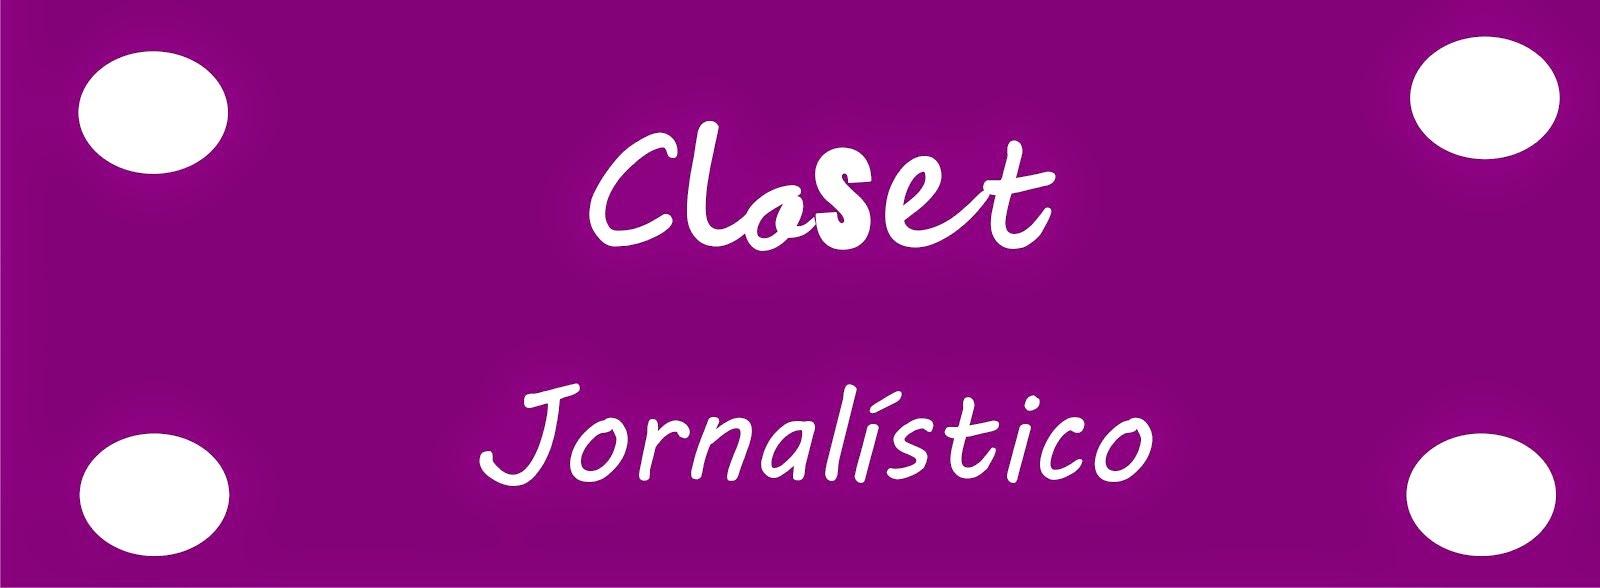 Closet Jornalístico